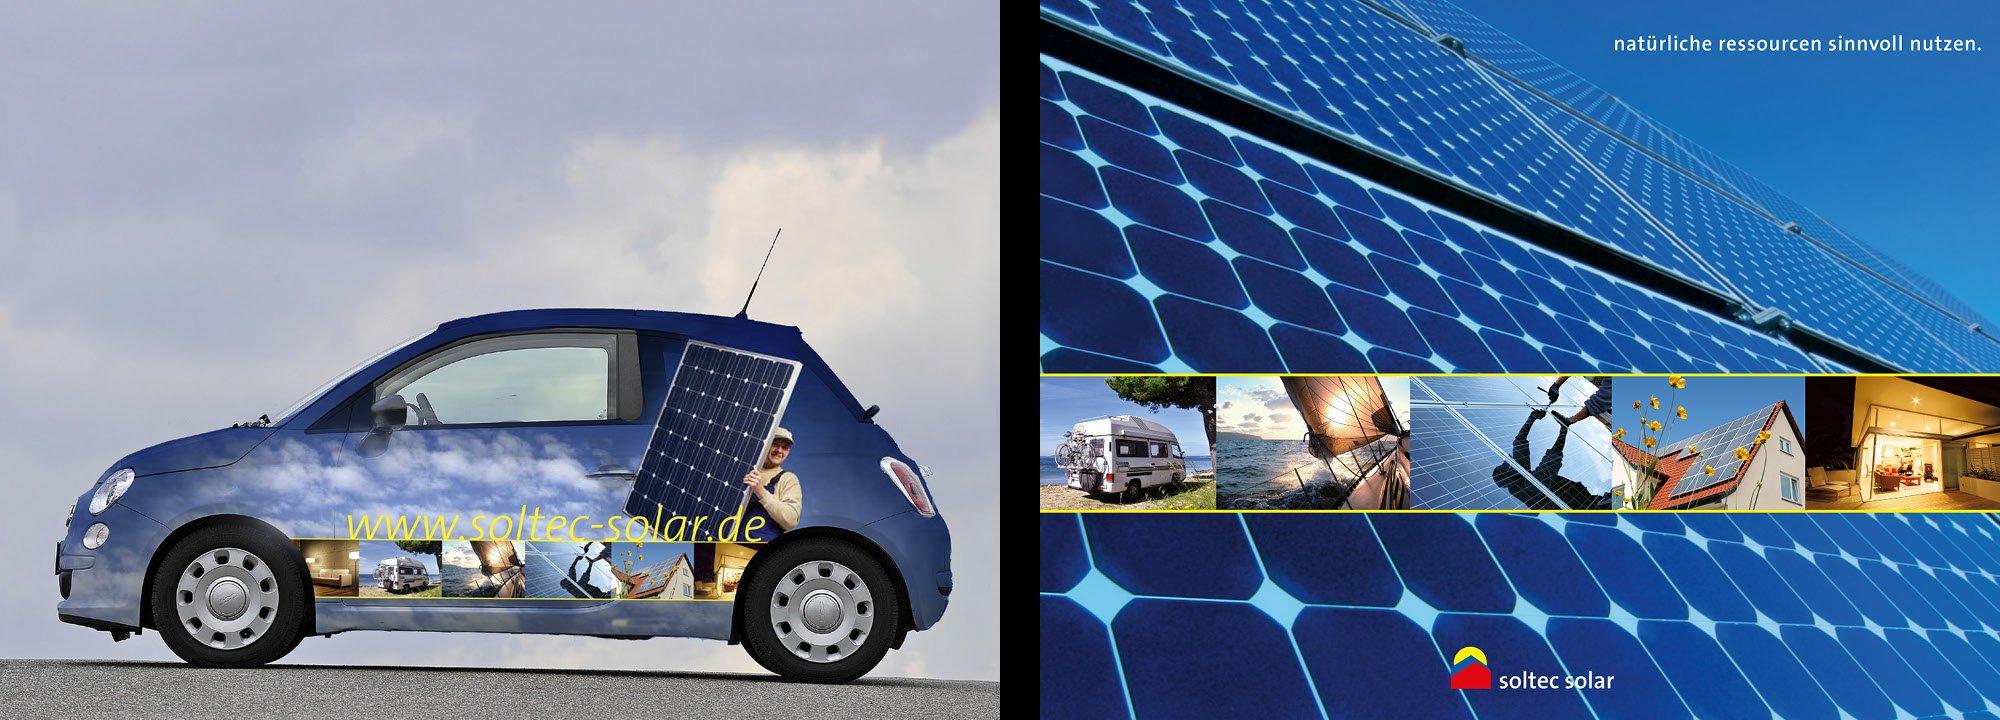 Erscheinungsbild Soltec Solar 2012